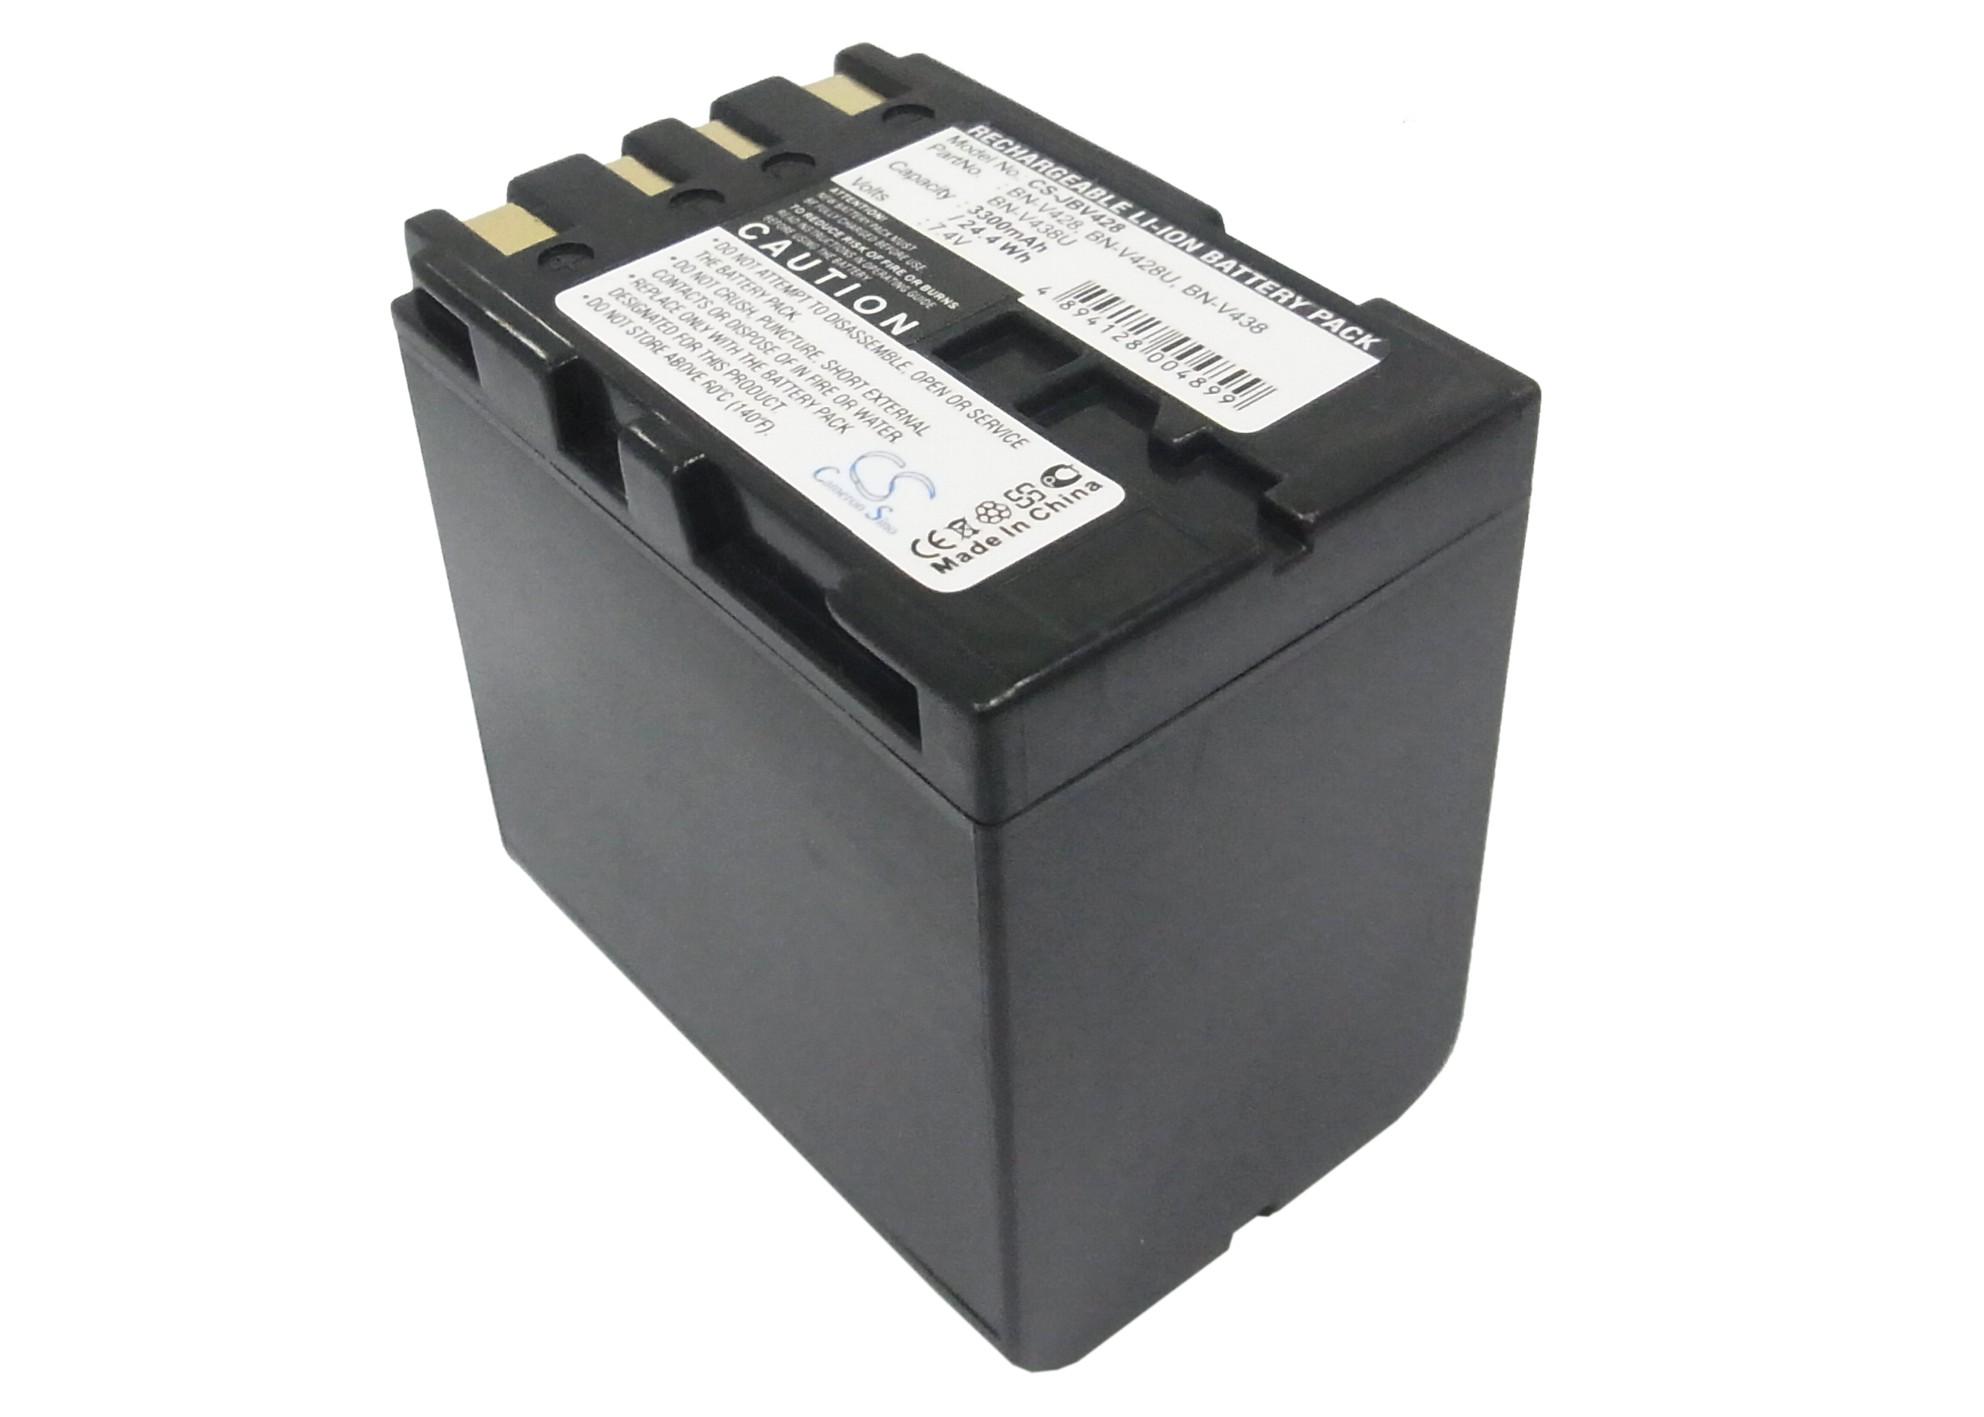 Cameron Sino baterie do kamer a fotoaparátů pro JVC GR-D230 7.4V Li-ion 3300mAh tmavě šedá - neoriginální